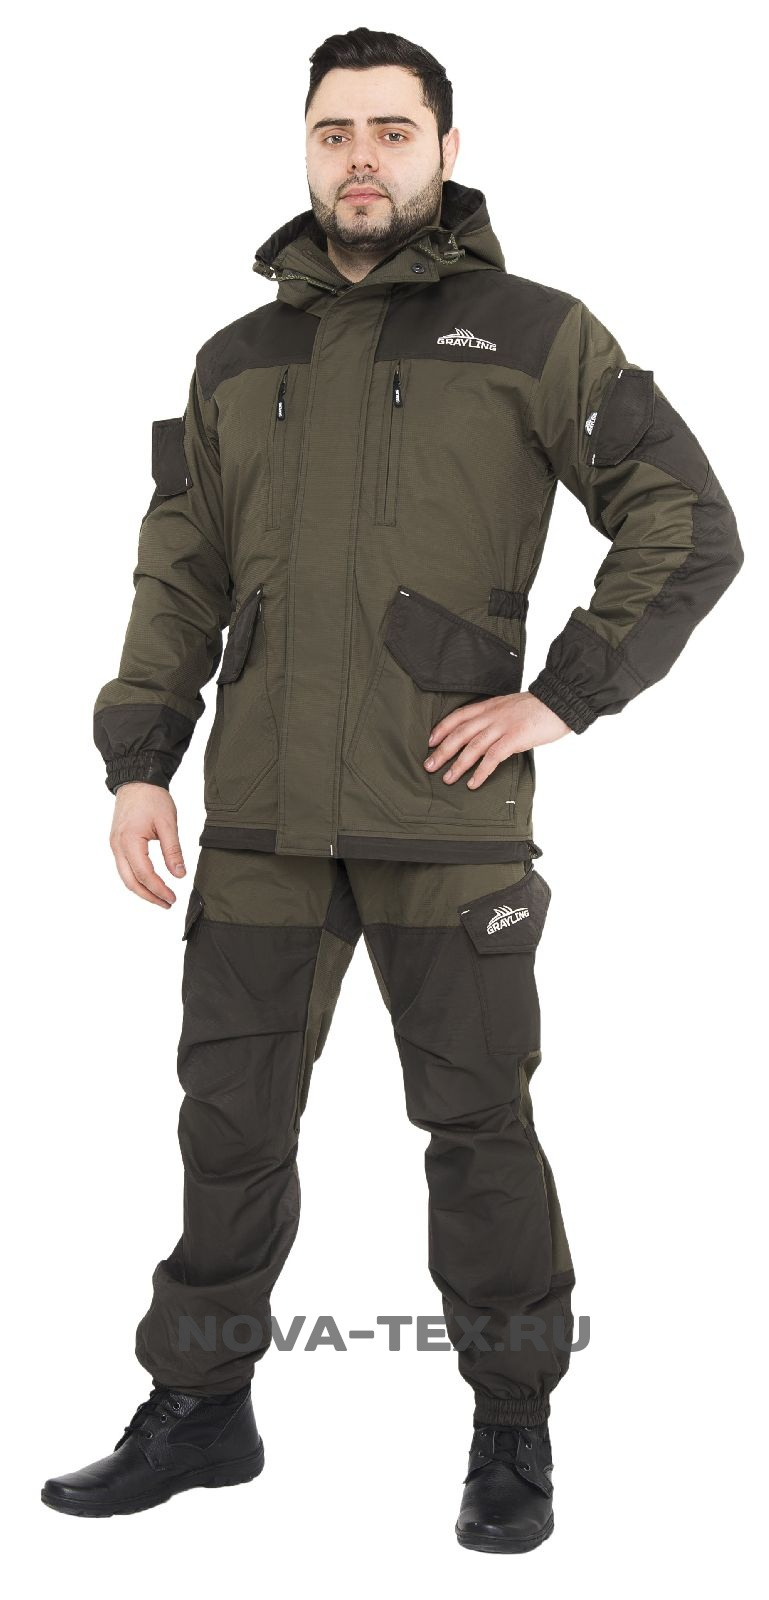 Костюм мужской Скат осень (таслан, хаки), Костюмы неутепленные<br>Костюм «Скат» Осень — относится к элитной <br>рыболовной экипировке коллекции ТМ «Grayling» <br>от компании Novatex. Универсальный костюм «Скат» <br>(дальний родственник знаменитой «Горки») <br>специально адаптирован для людей, увлекающихся <br>рыбалкой. Костюм состоит из длинной куртки <br>и полукомбинезона анатомического кроя. <br>Для изготовления костюма «Скат» Осень применяют <br>современную нейлоновую ткань с мембранным <br>покрытием, с водоупорностью до 5 000 мм вод. <br>ст. Для отделки и армирования используется <br>мембранная ткань «кошачий глаз», которая <br>обладает повышенной износоустойчивостью. <br>Подкладка из флиса гарантирует комфорт <br>и тепло. Костюм «Скат» Осень рекомендован <br>для рыбаков и любителей активного отдыха <br>в весенне-осенний период. Особенности модели: <br>-анатомический крой ткань -мембрана -водонепроницаемость <br>8000 -паропроницаемость 5000 -ветрозащитная <br>ткань -влагозащитная ткань -двойная ветрозащитная <br>планка -двухзамковая молния -капюшон регулируется <br>по ширине -отделка тканью-мембраной -усиление <br>по плечам -усиление на коленях -усиление <br>на локтях -усиление по низу брюк -утяжки <br>в области коленей -утяжки в области локтей <br>-регулируемые подтяжки флисовый подклад<br><br>Пол: мужской<br>Размер: 48-50<br>Рост: 170-176<br>Сезон: демисезонный<br>Материал: мембрана